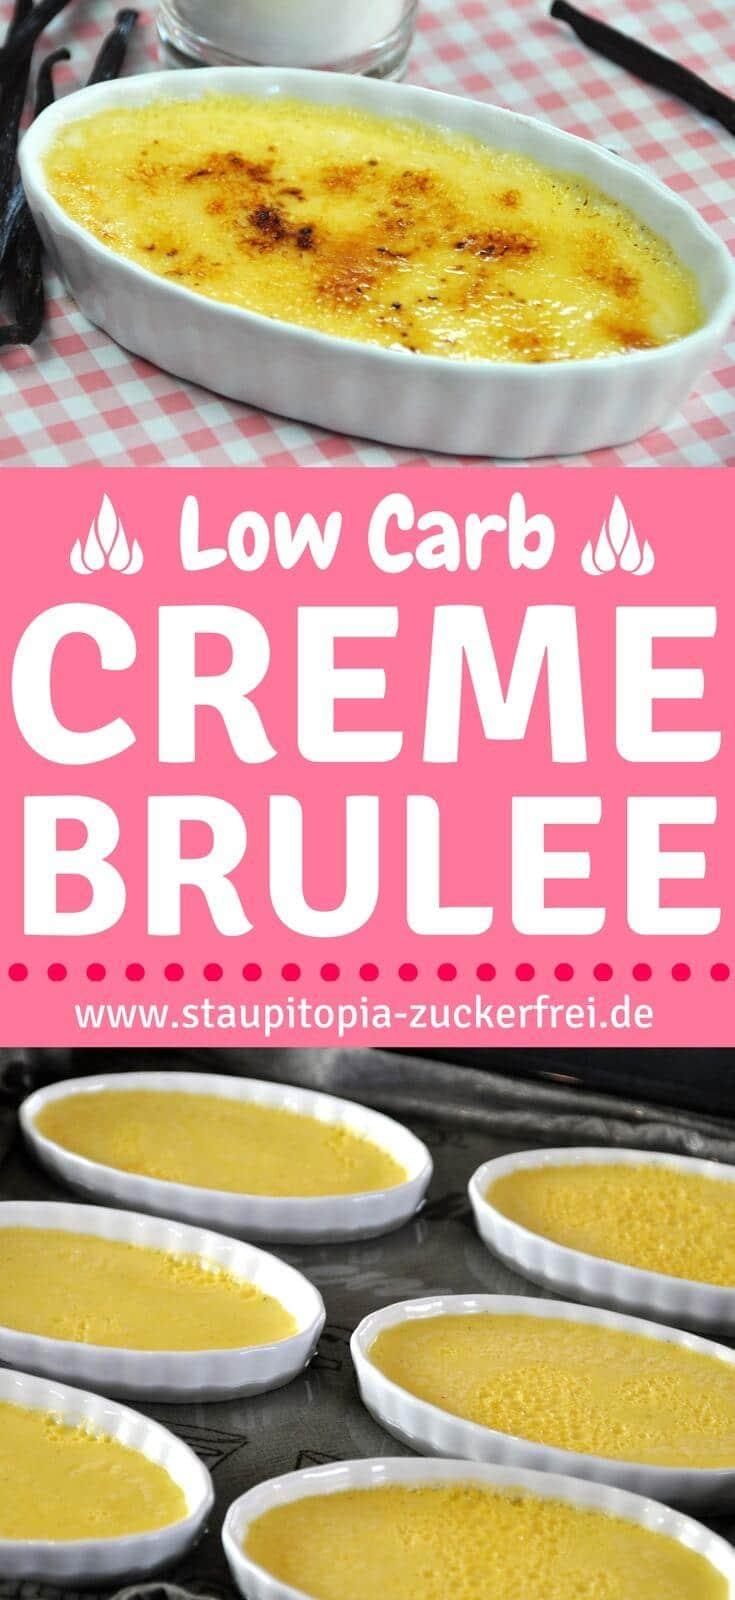 Diese Low Carb Creme Brulée schmeckt wie das Original, nur kannst du bei diesem Rezept ohne Zucker aus.